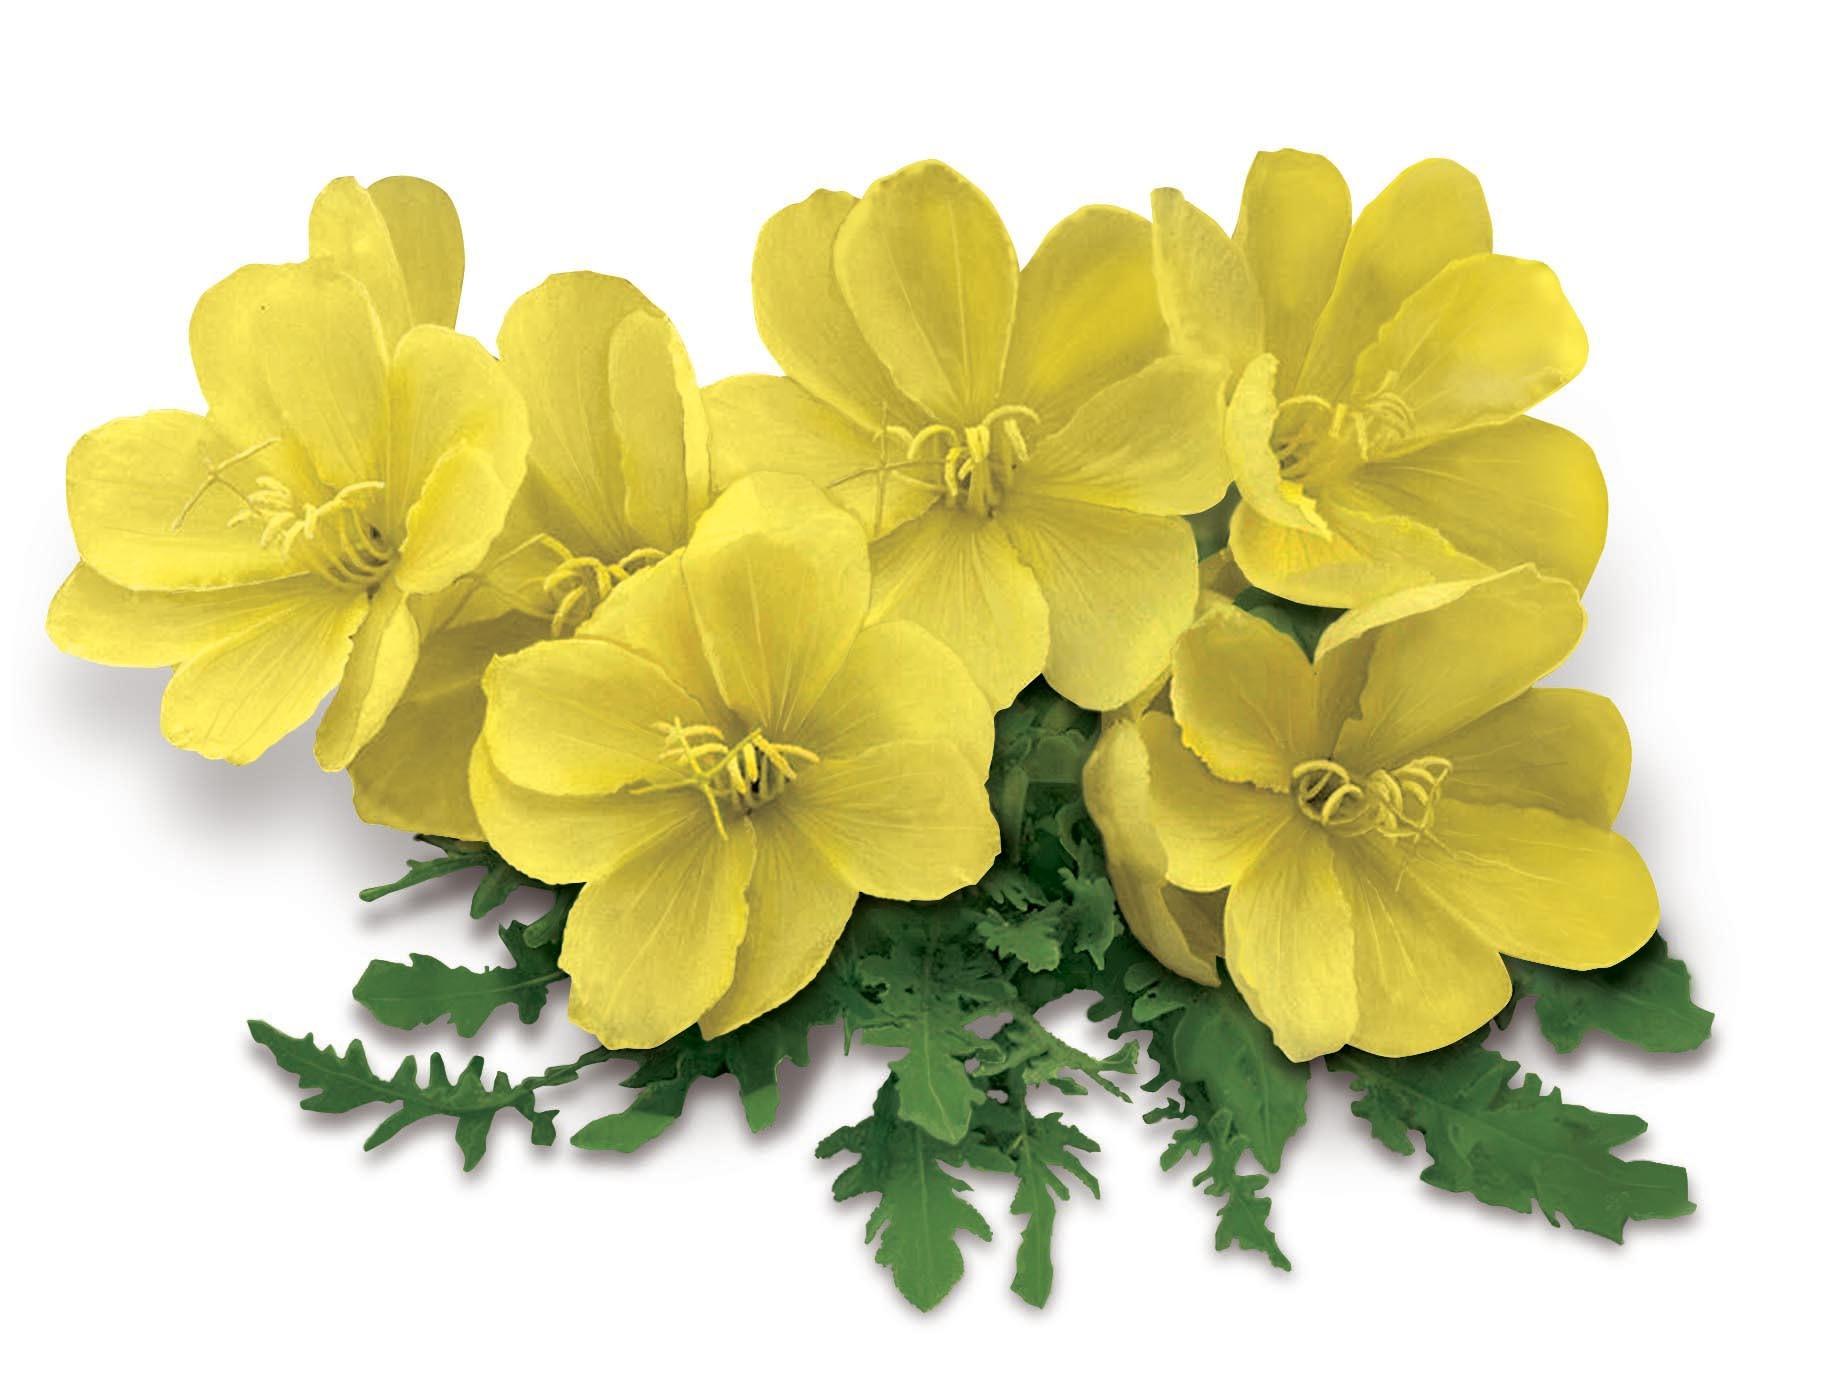 Çuha Çiçeği Yağının Faydaları